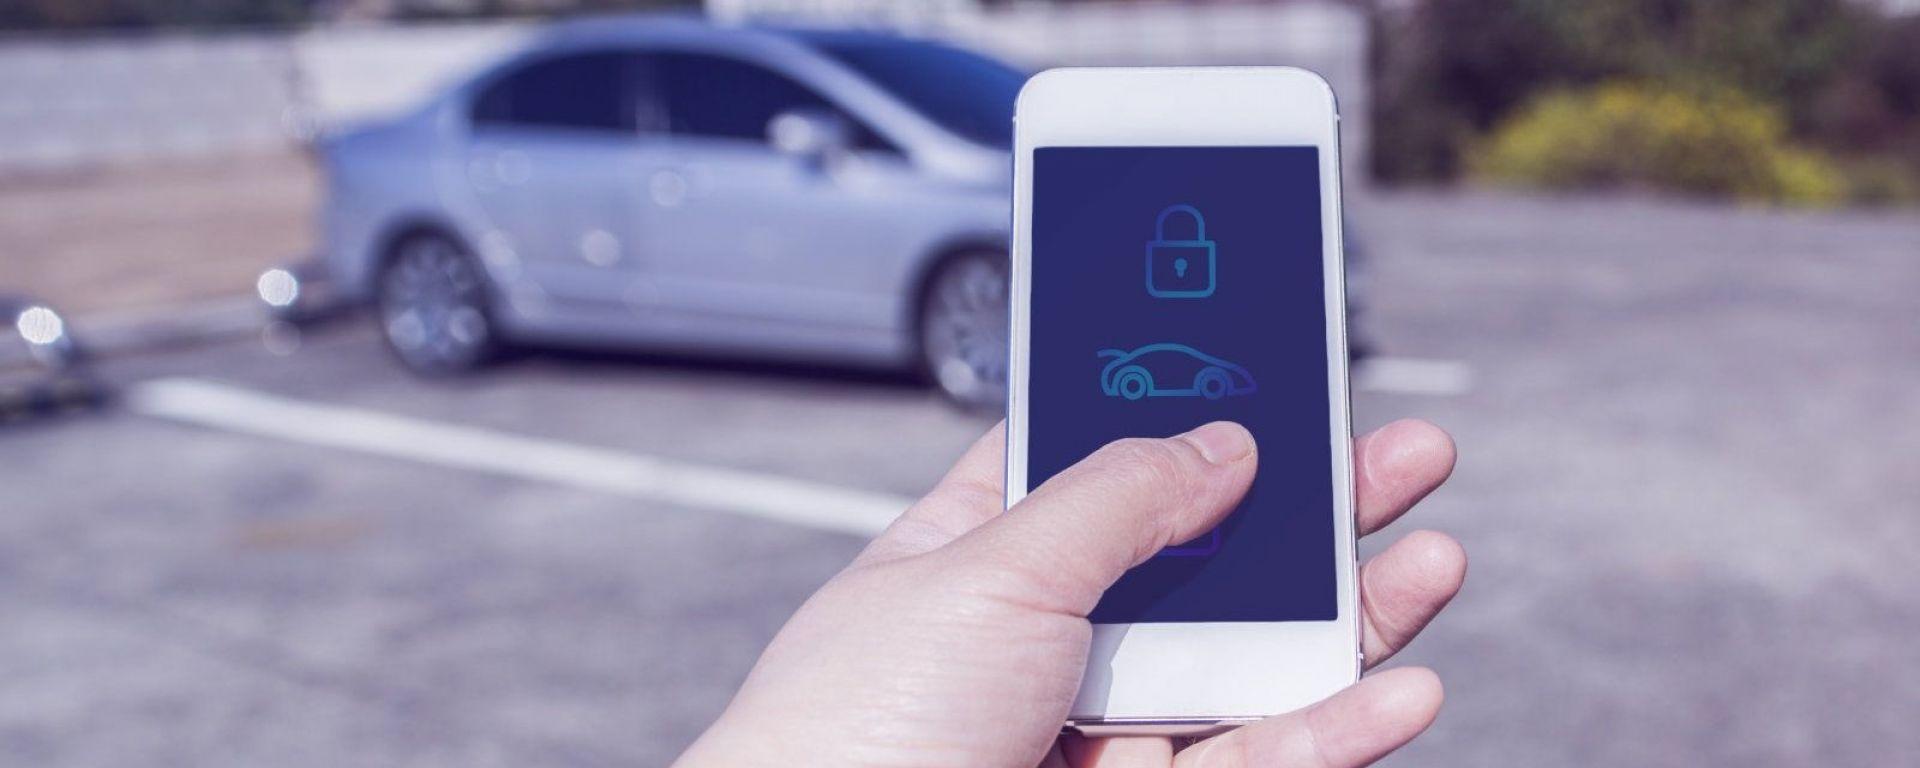 Android 12, la chiave digitale per l'auto